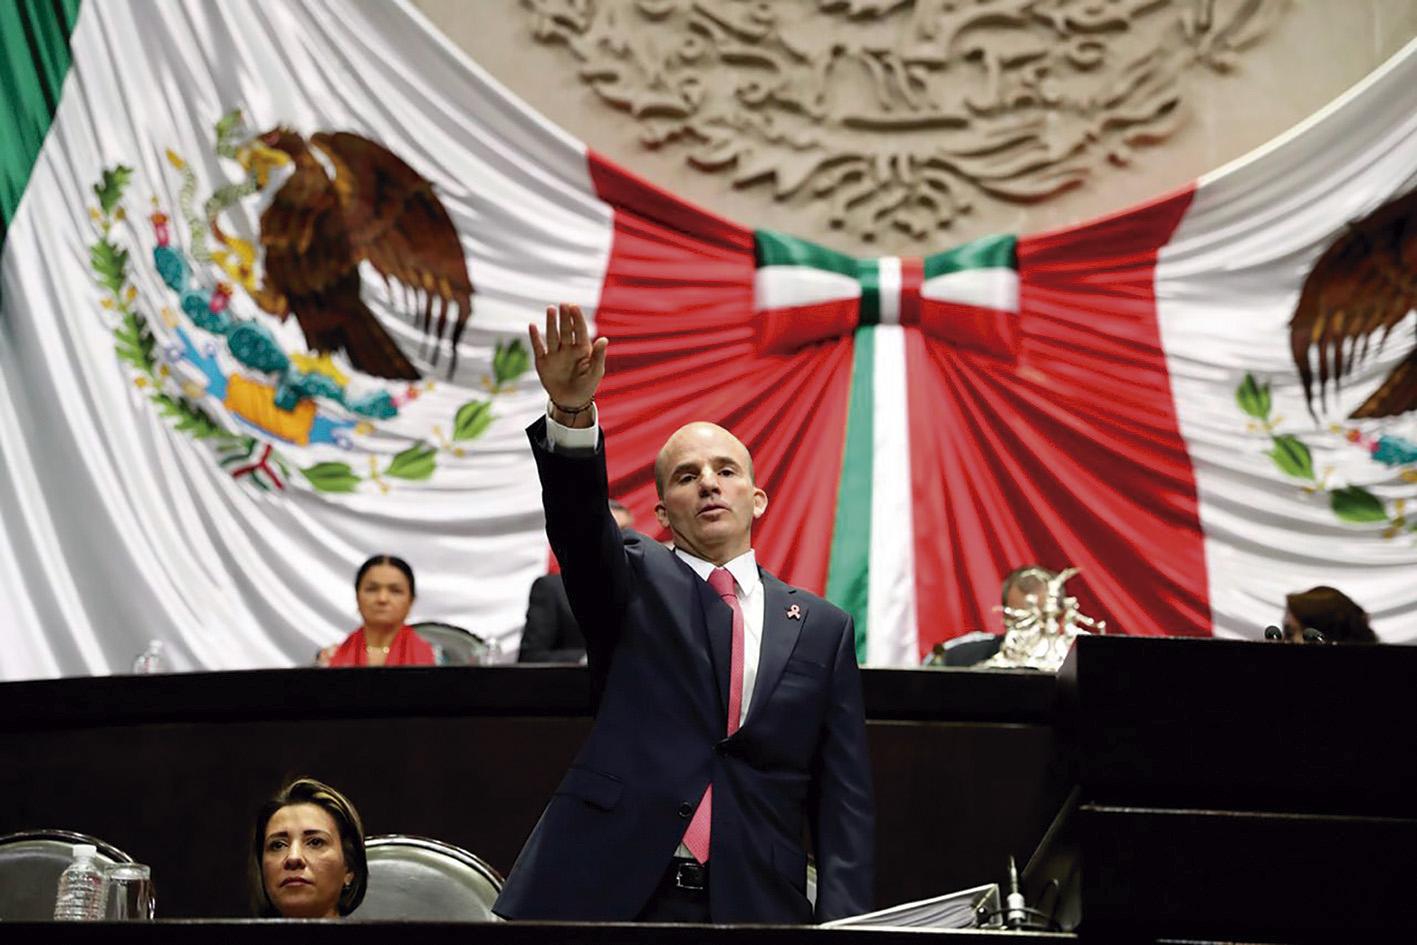 """Photo of """"El Presidente Enrique Peña Nieto deja finanzas sanas y un país en crecimiento"""": José Antonio González Anaya, Secretario de Hacienda"""